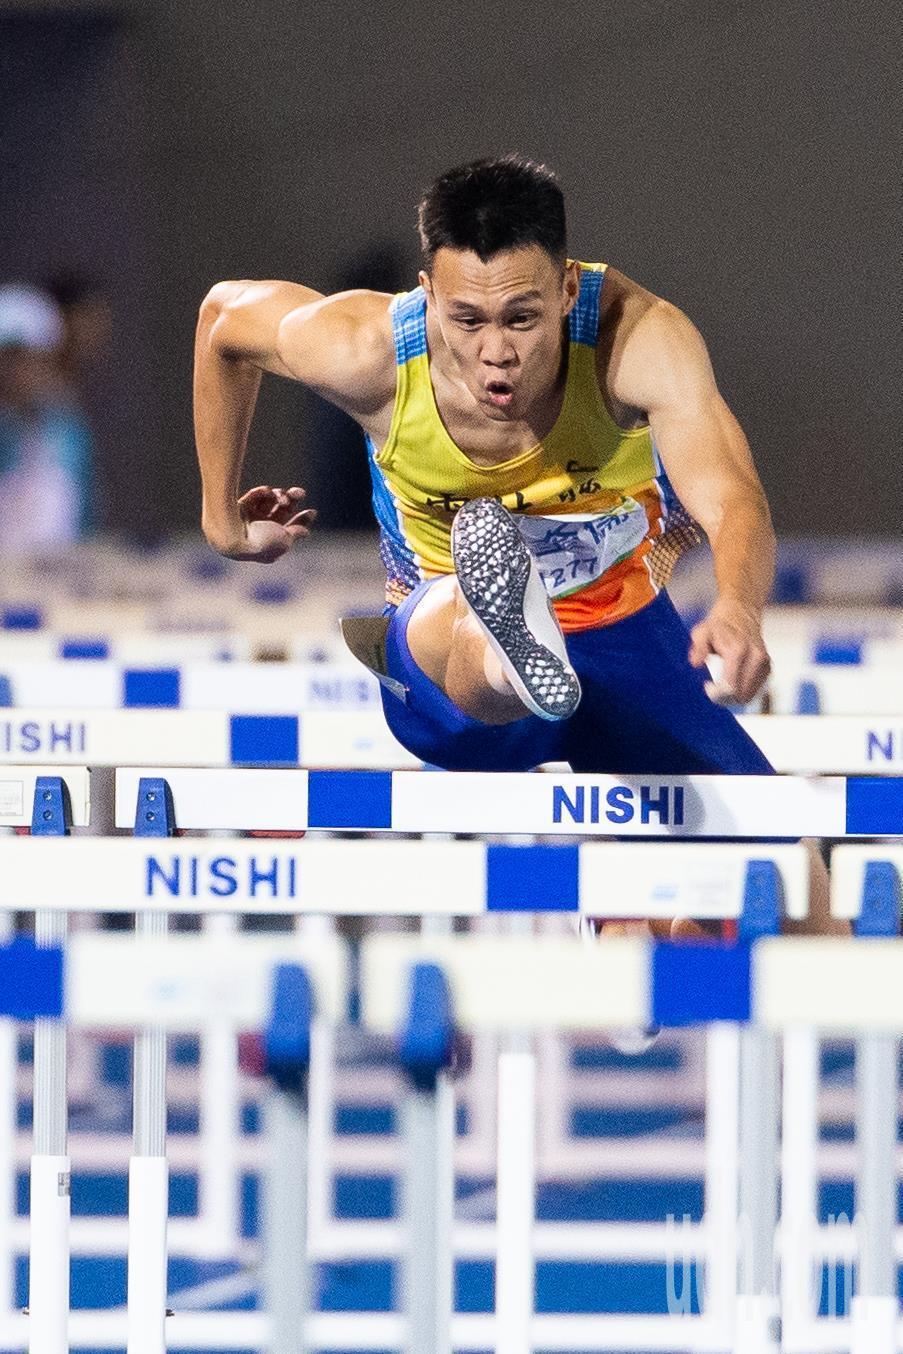 108全運會田徑男子110公尺跨欄決賽,陳奎儒以13秒36破大會紀錄奪得金牌。記...